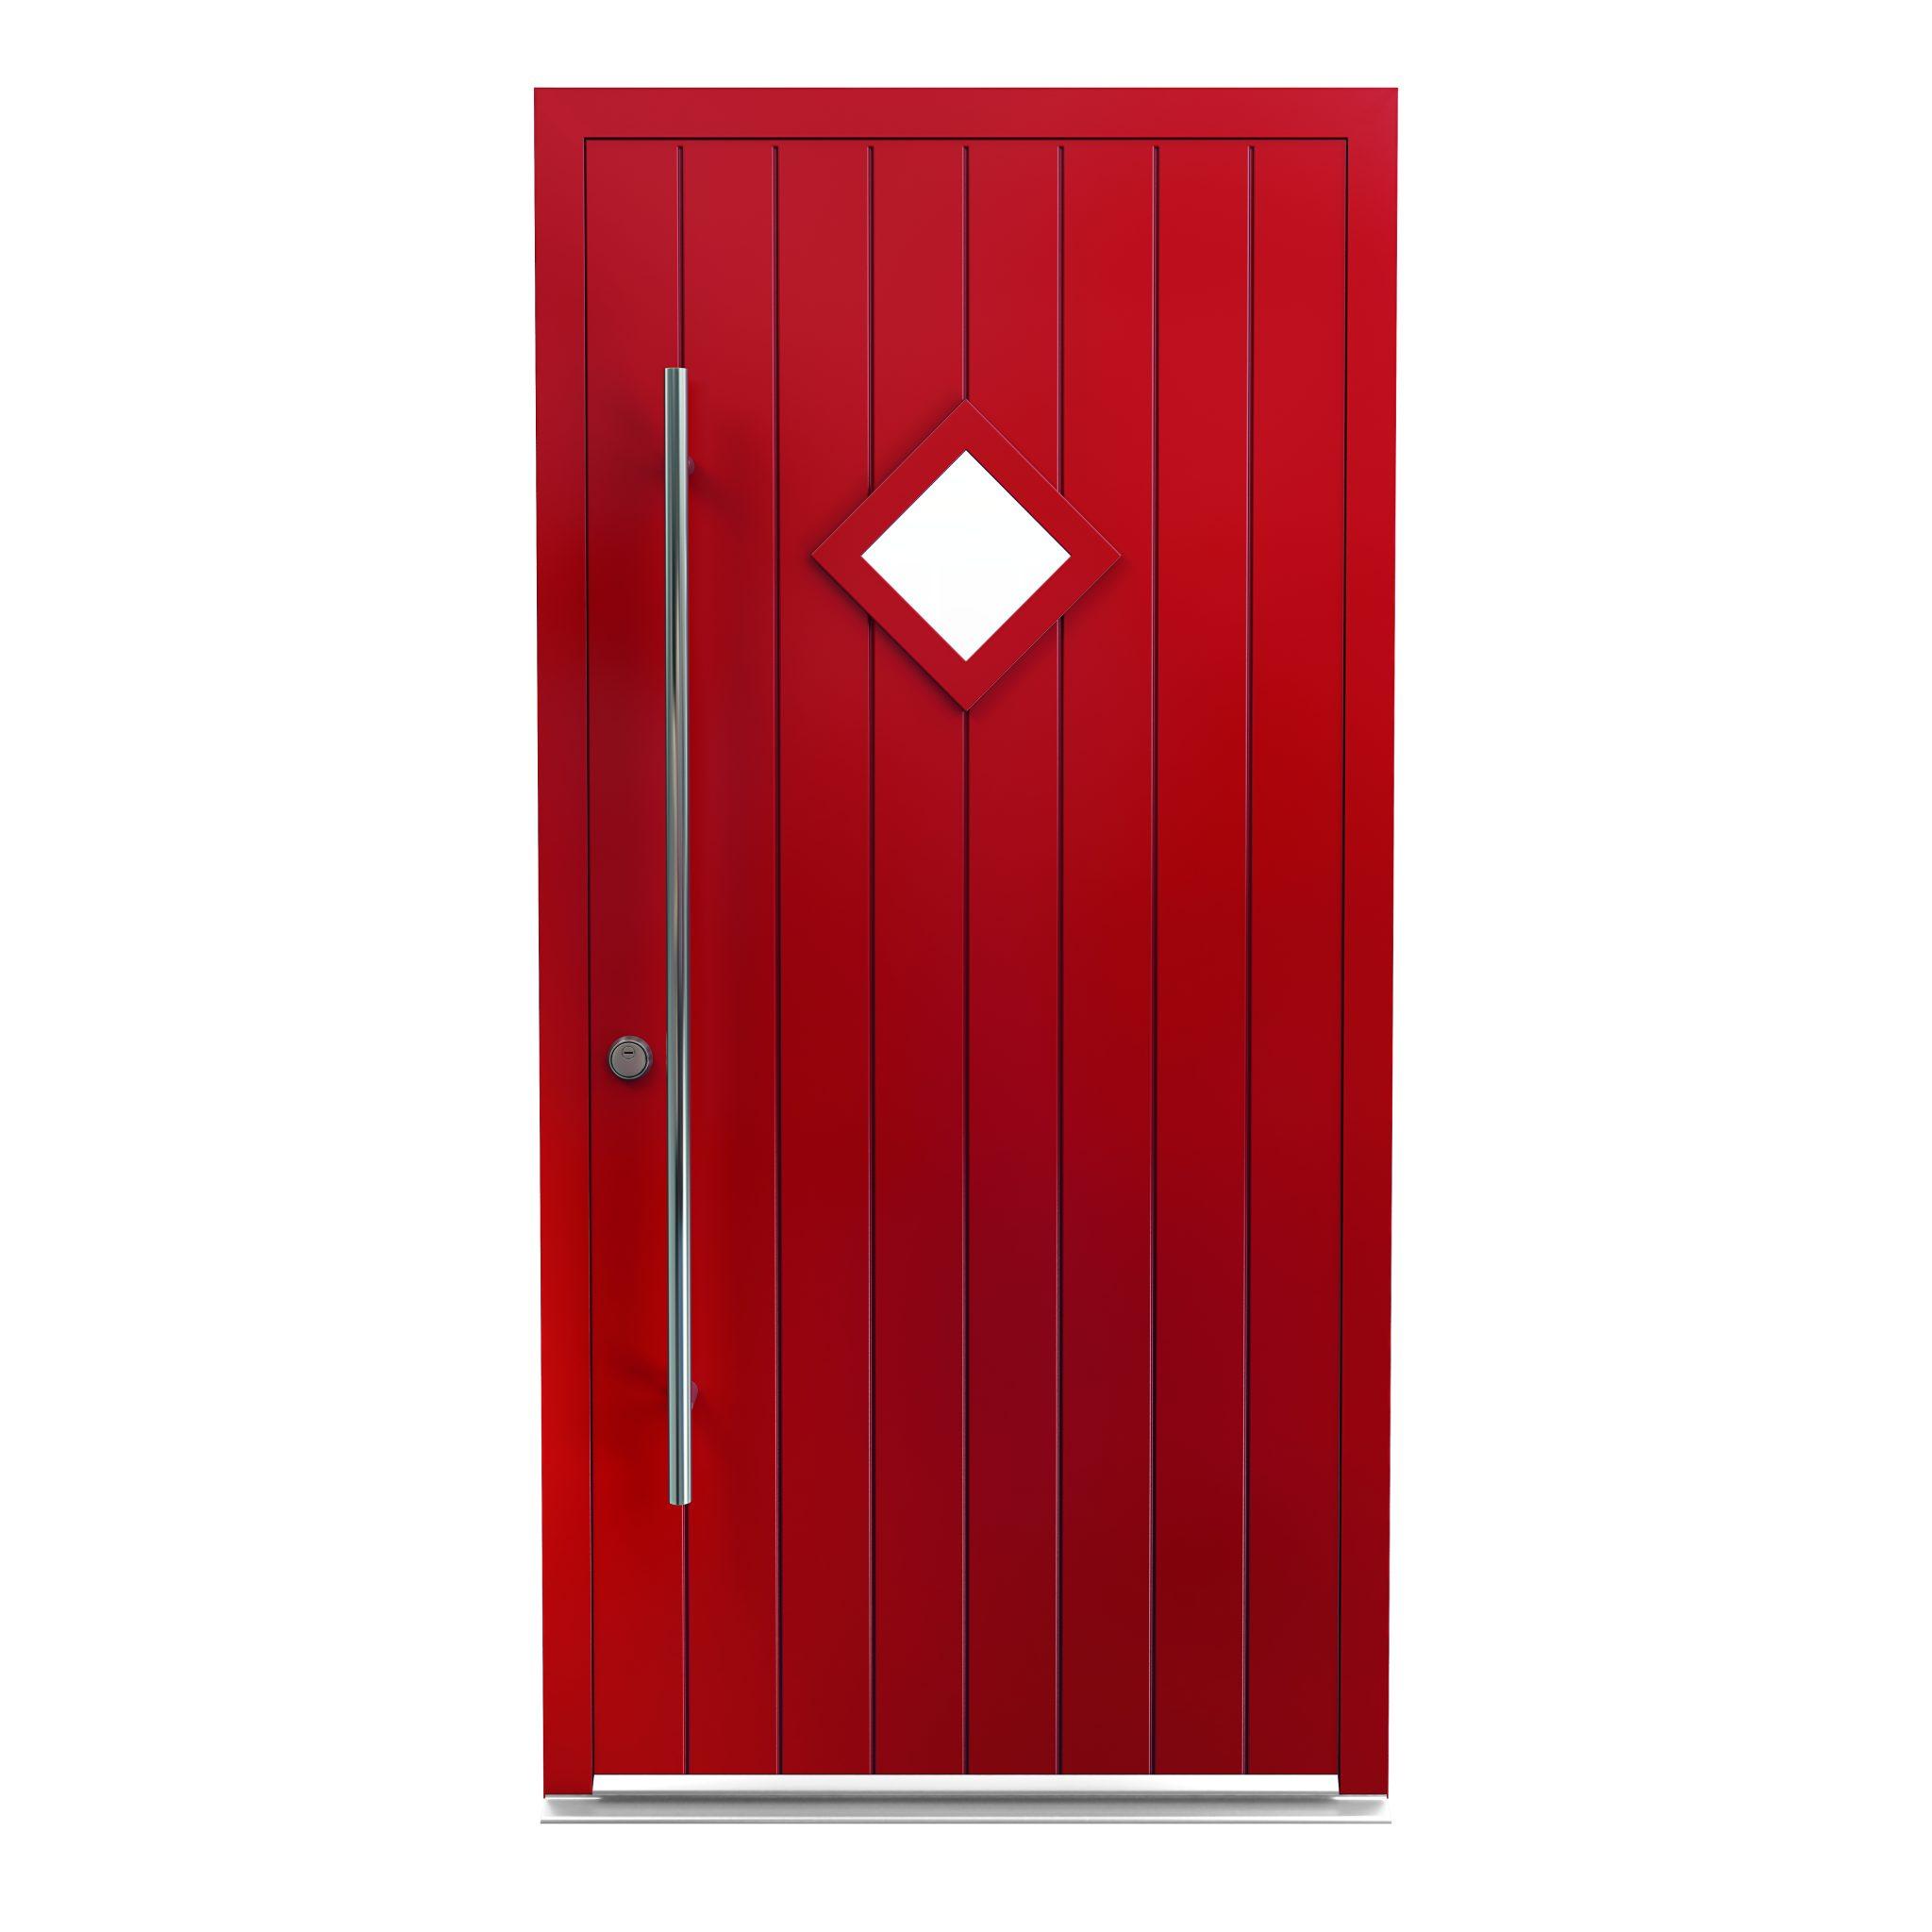 Coleford Front Door